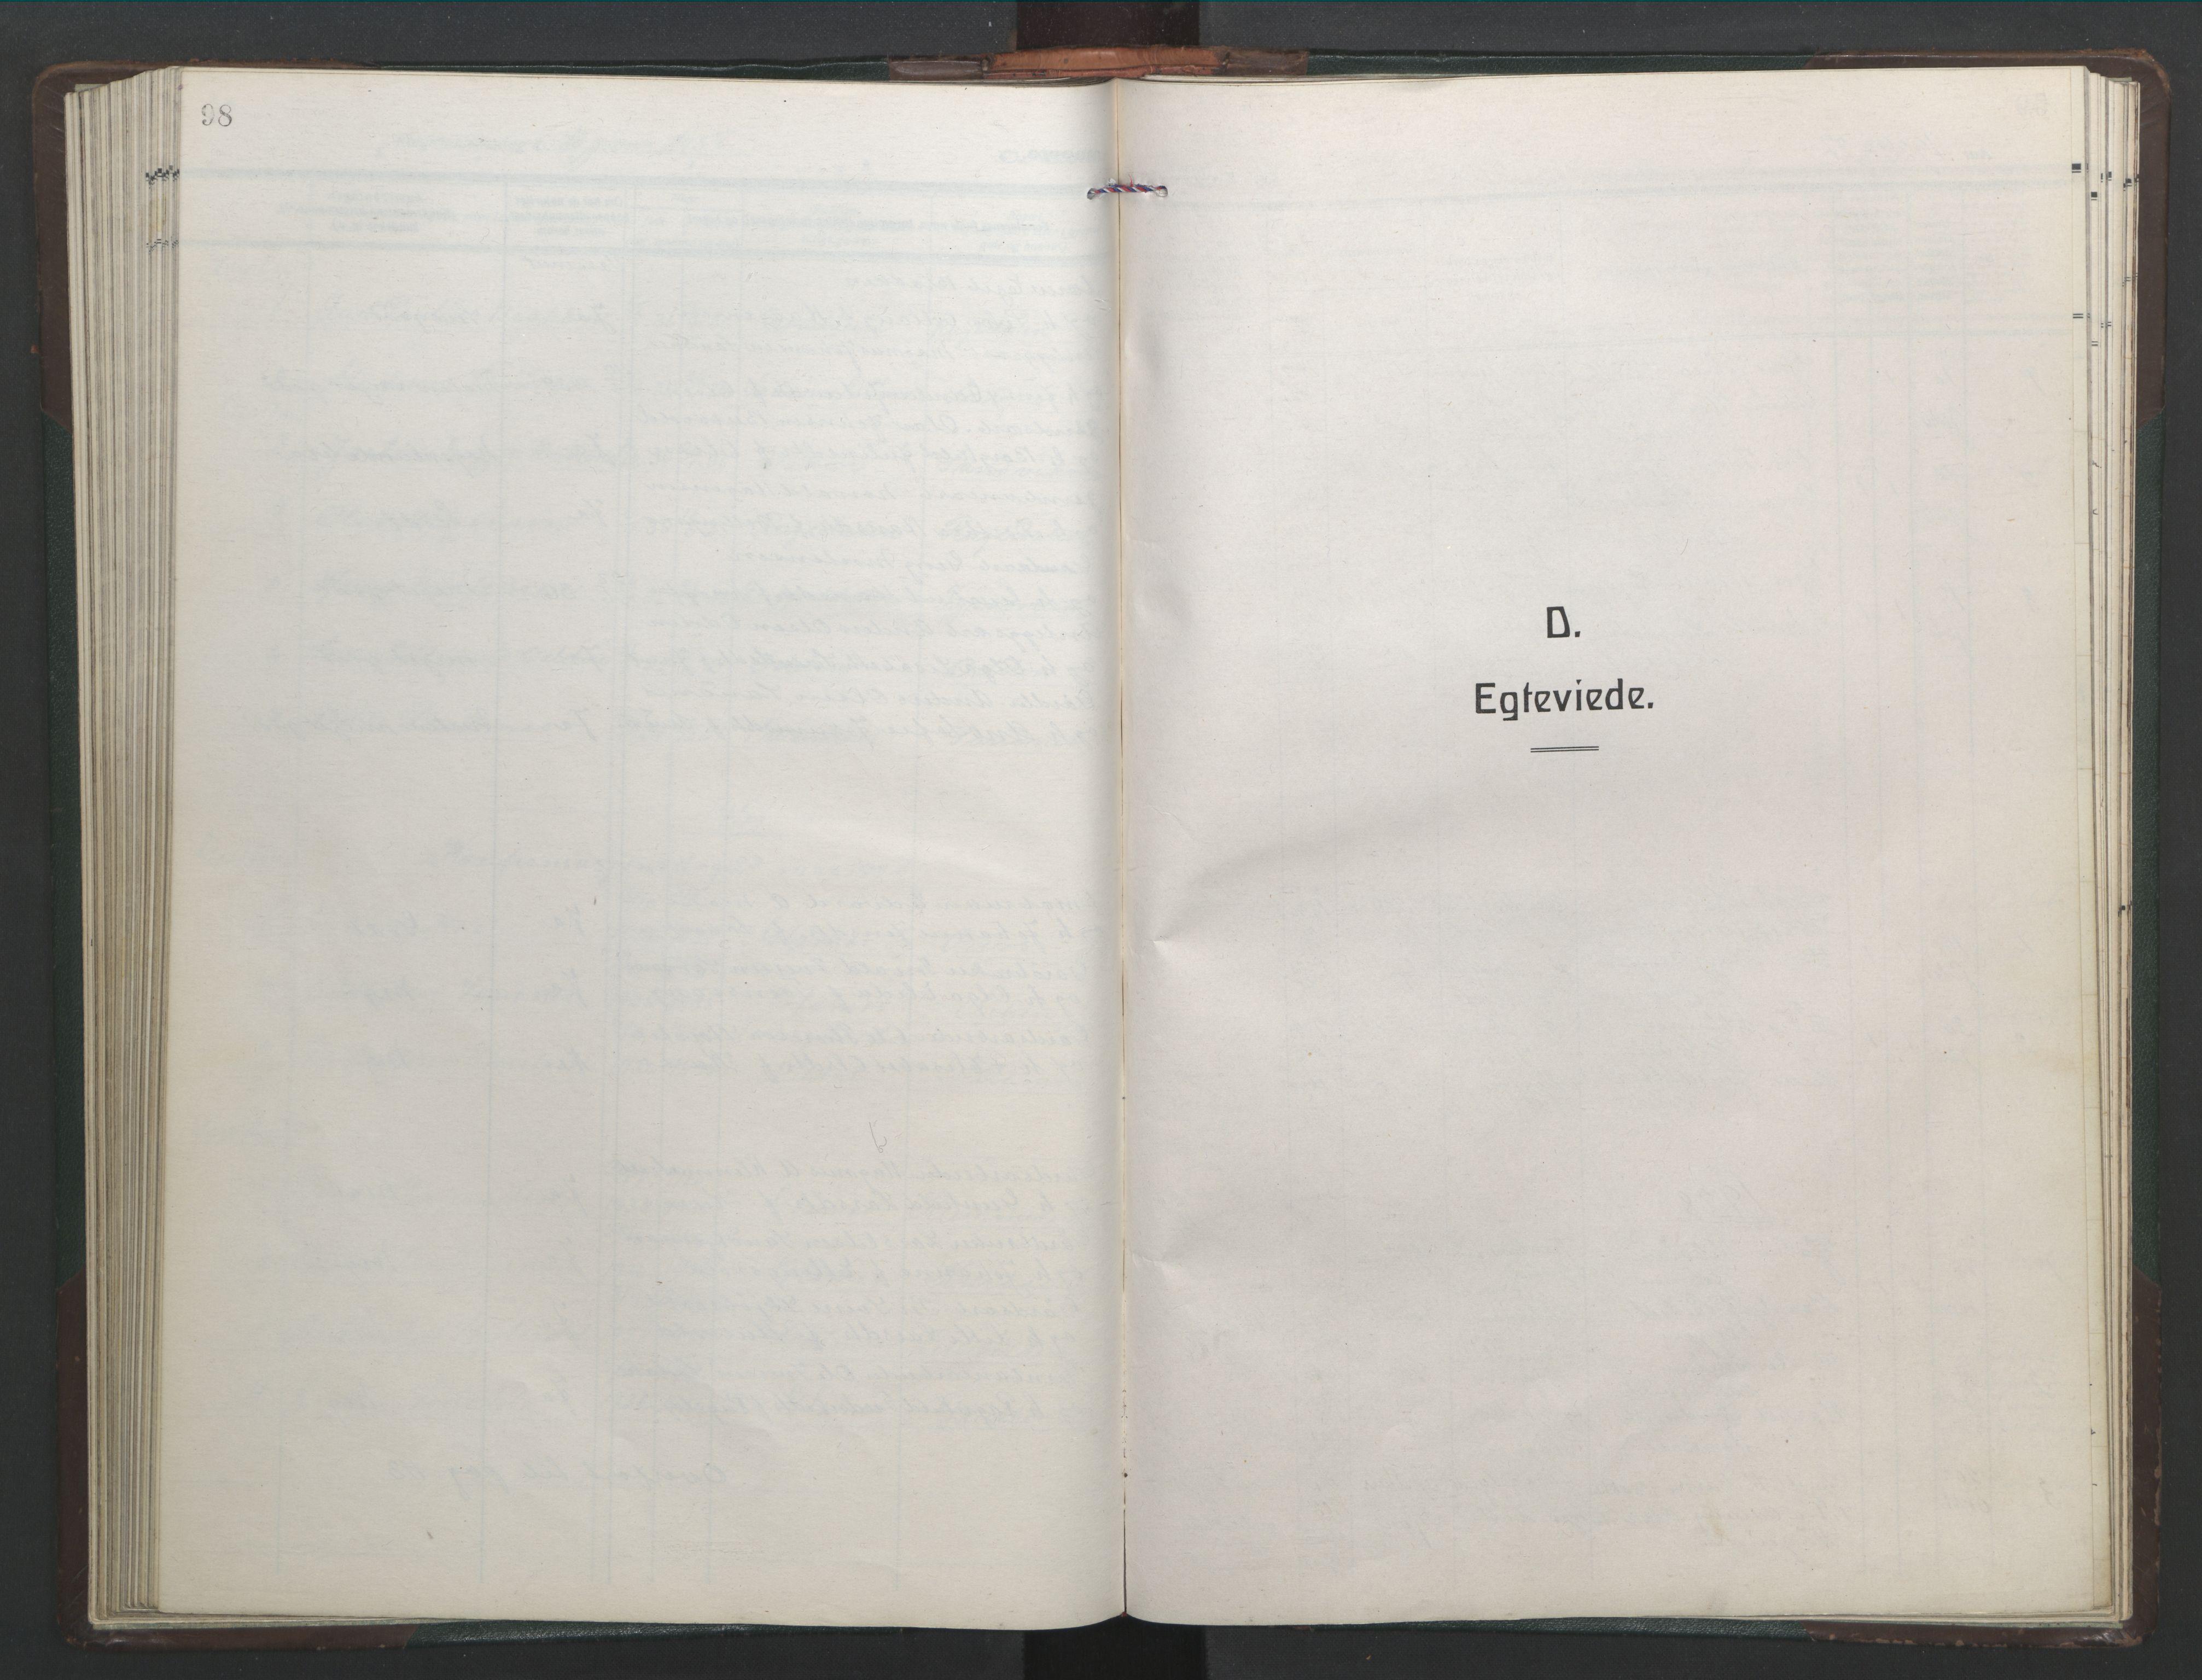 SAT, Ministerialprotokoller, klokkerbøker og fødselsregistre - Sør-Trøndelag, 682/L0947: Klokkerbok nr. 682C01, 1926-1968, s. 98